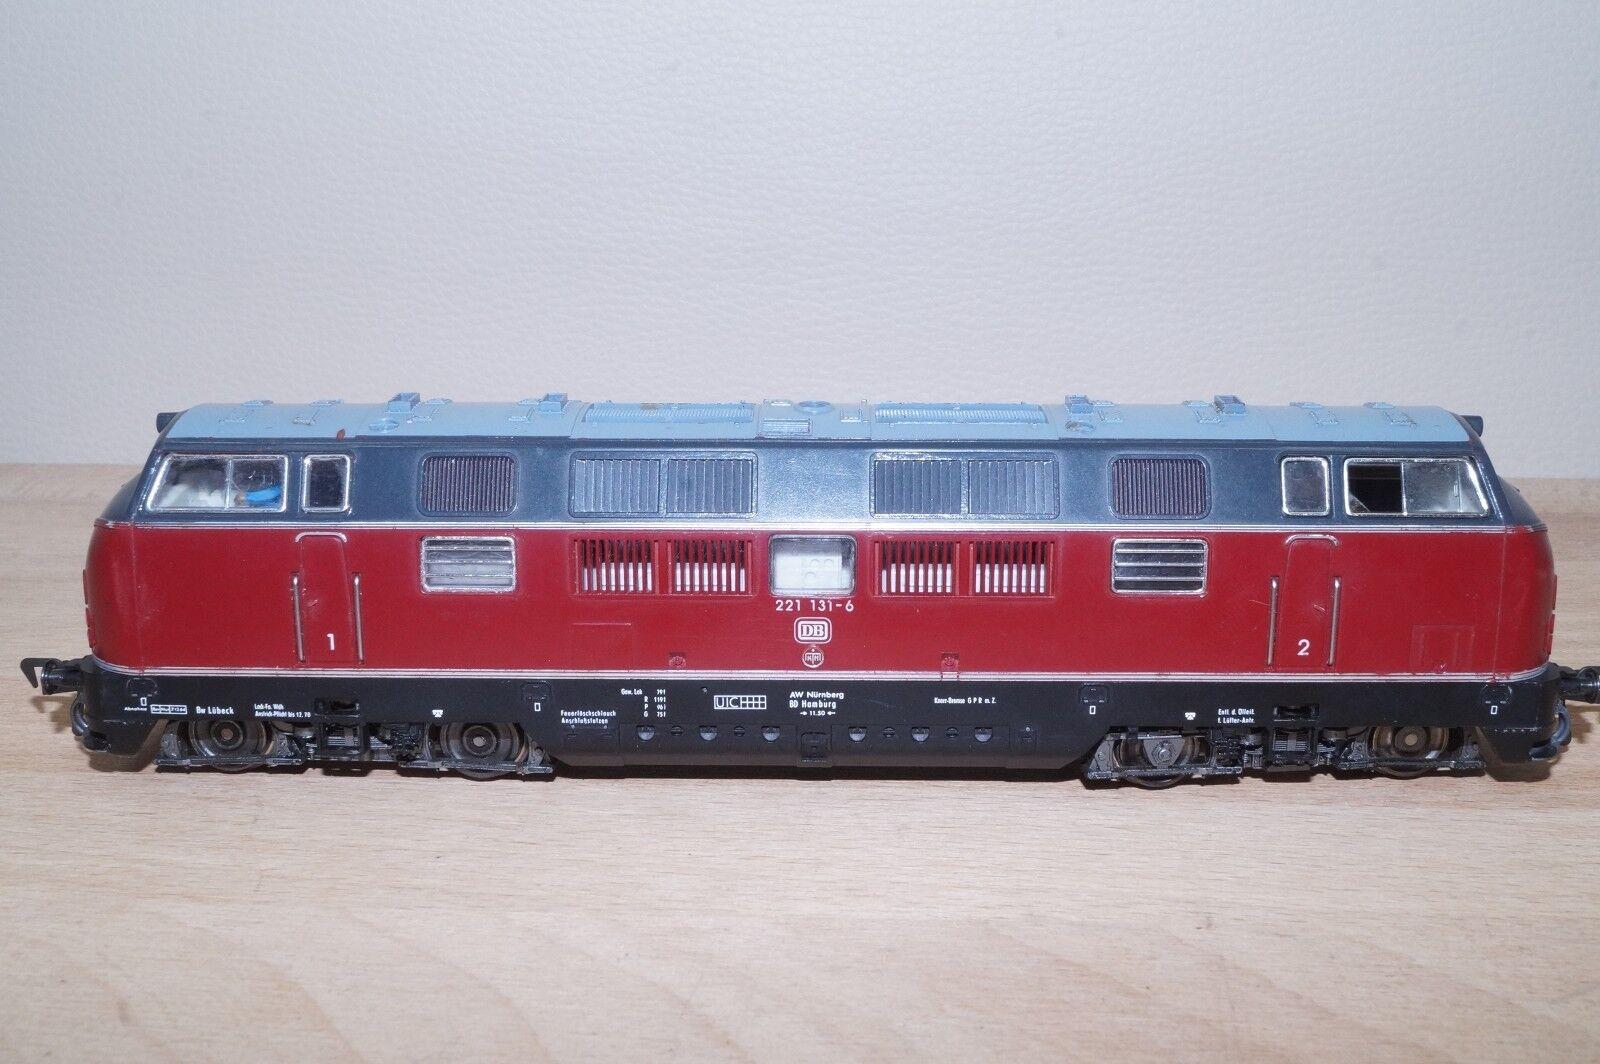 Fleischmann 4235 Diesel-Lok delle BR 221 131-6 delle DB analogico